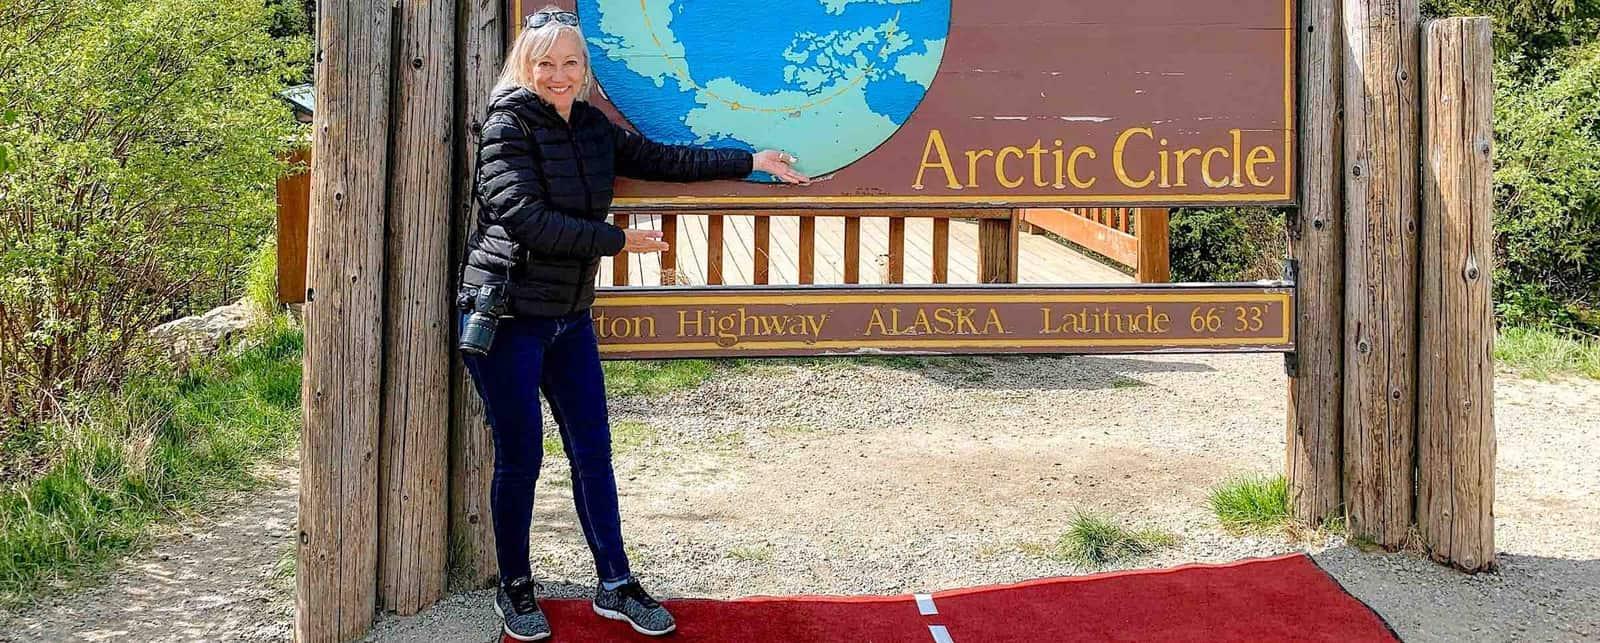 Sherry at Arctic Circle